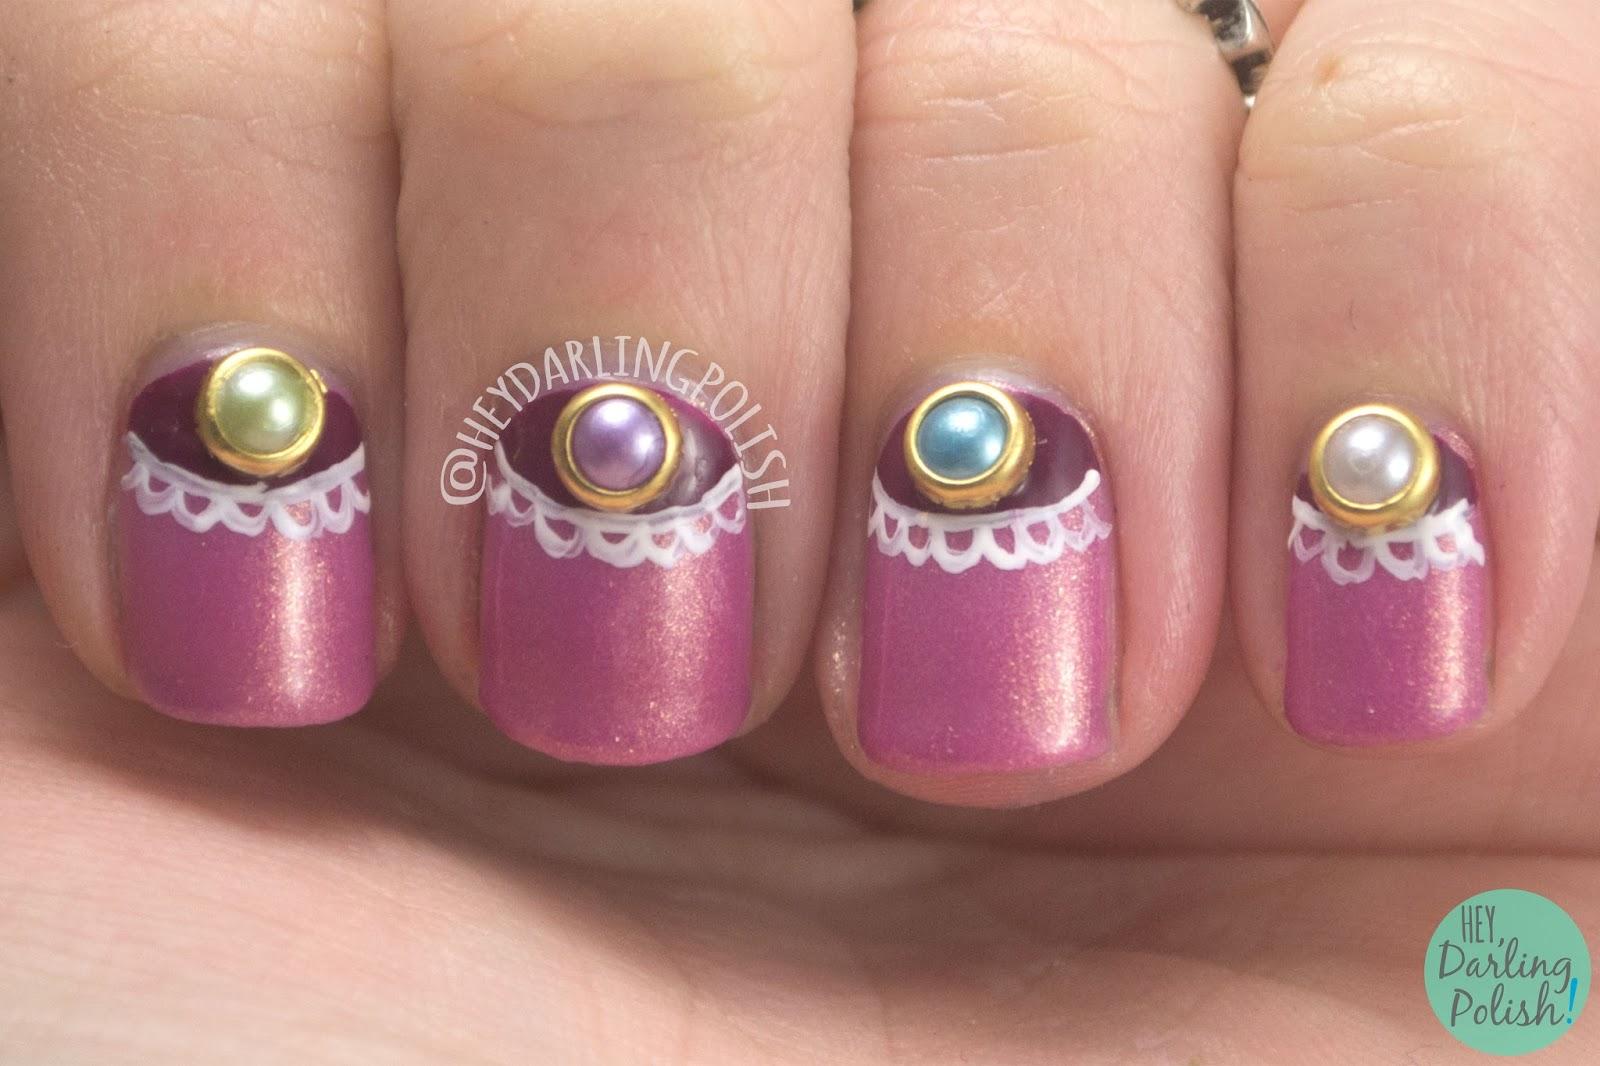 nails, nail art, nail polish, half moons, pearls, studs, born pretty store, hey darling polish, lace, free hand, review